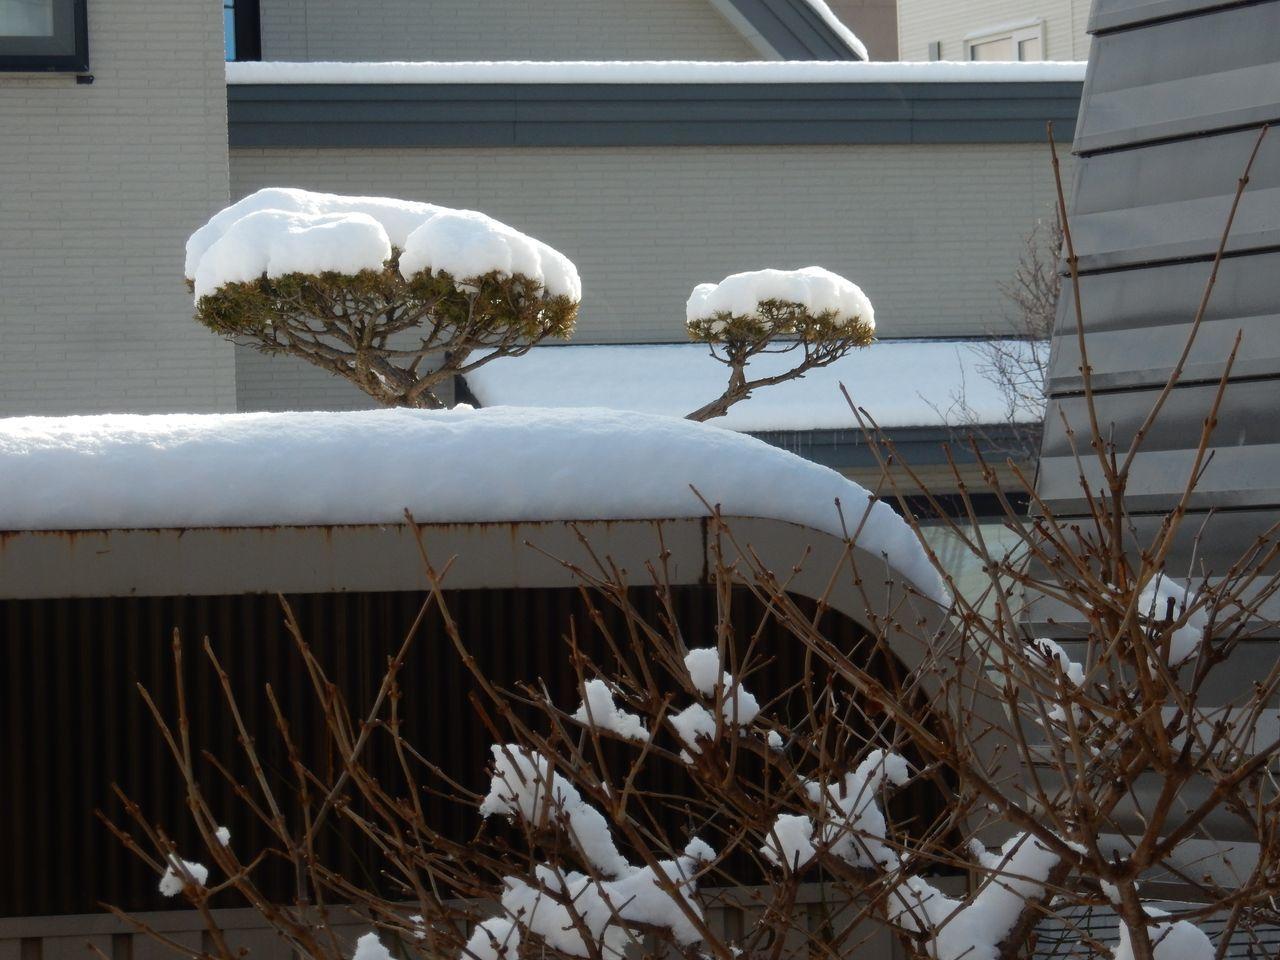 ようやく雪らしい雪が積もりました_c0025115_21121377.jpg